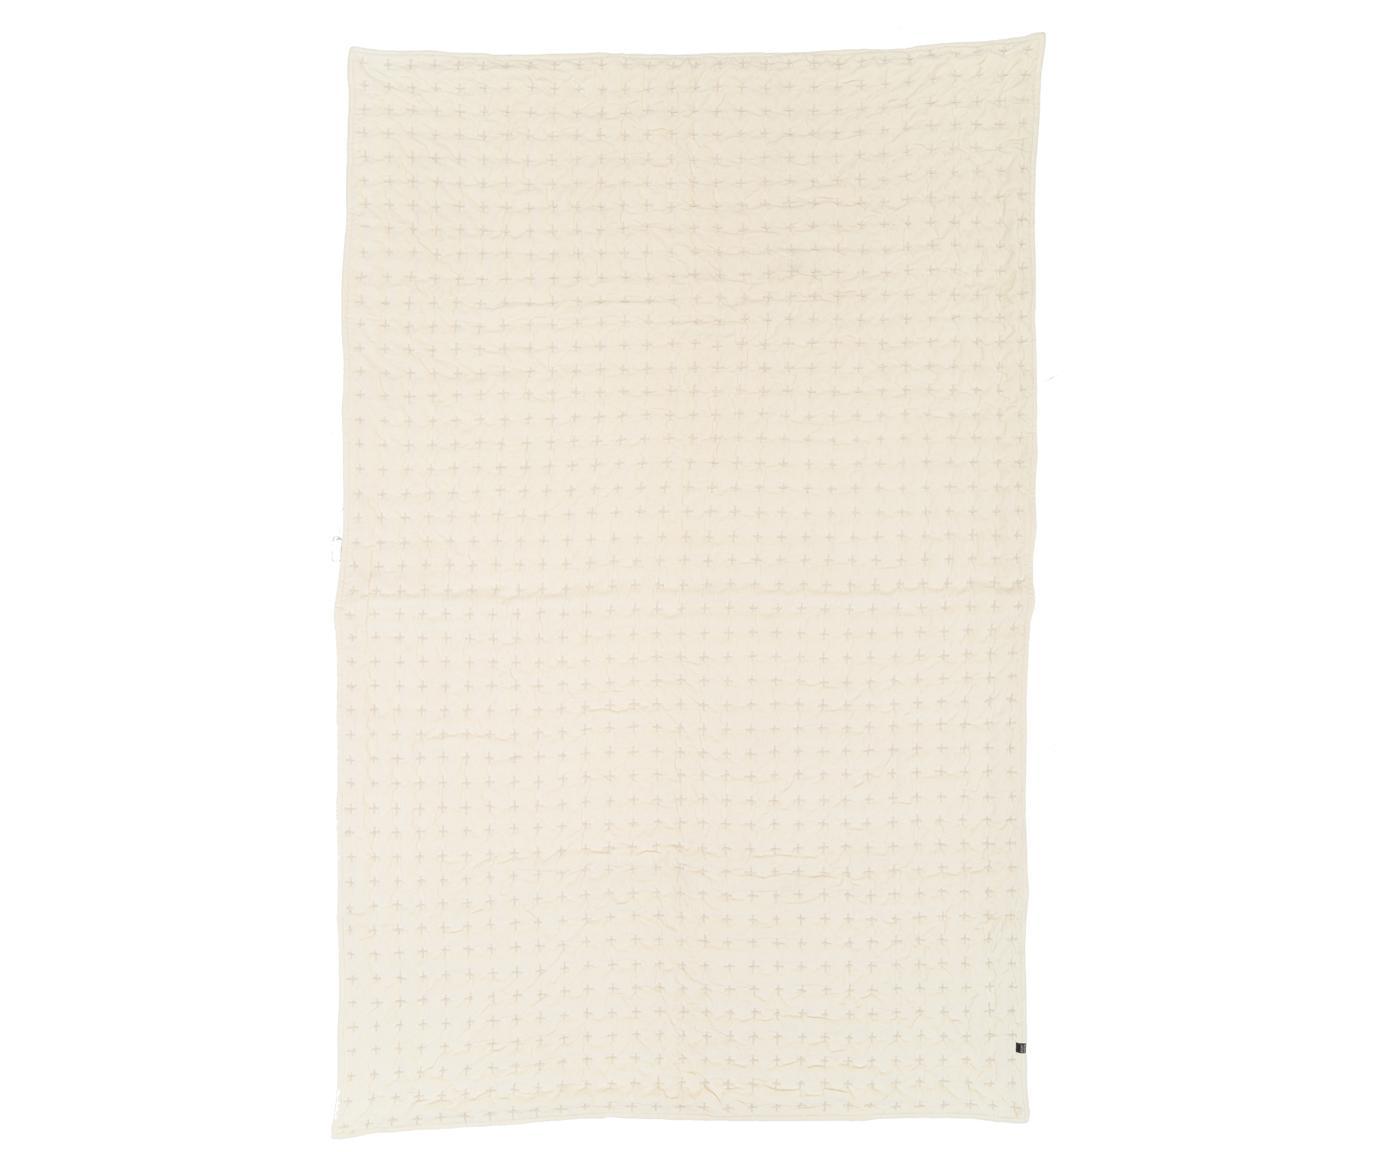 Narzuta z aksamitu Nellie, Przód: złamana biel, biały Tył: złamana biel, S 250 x D 260 cm